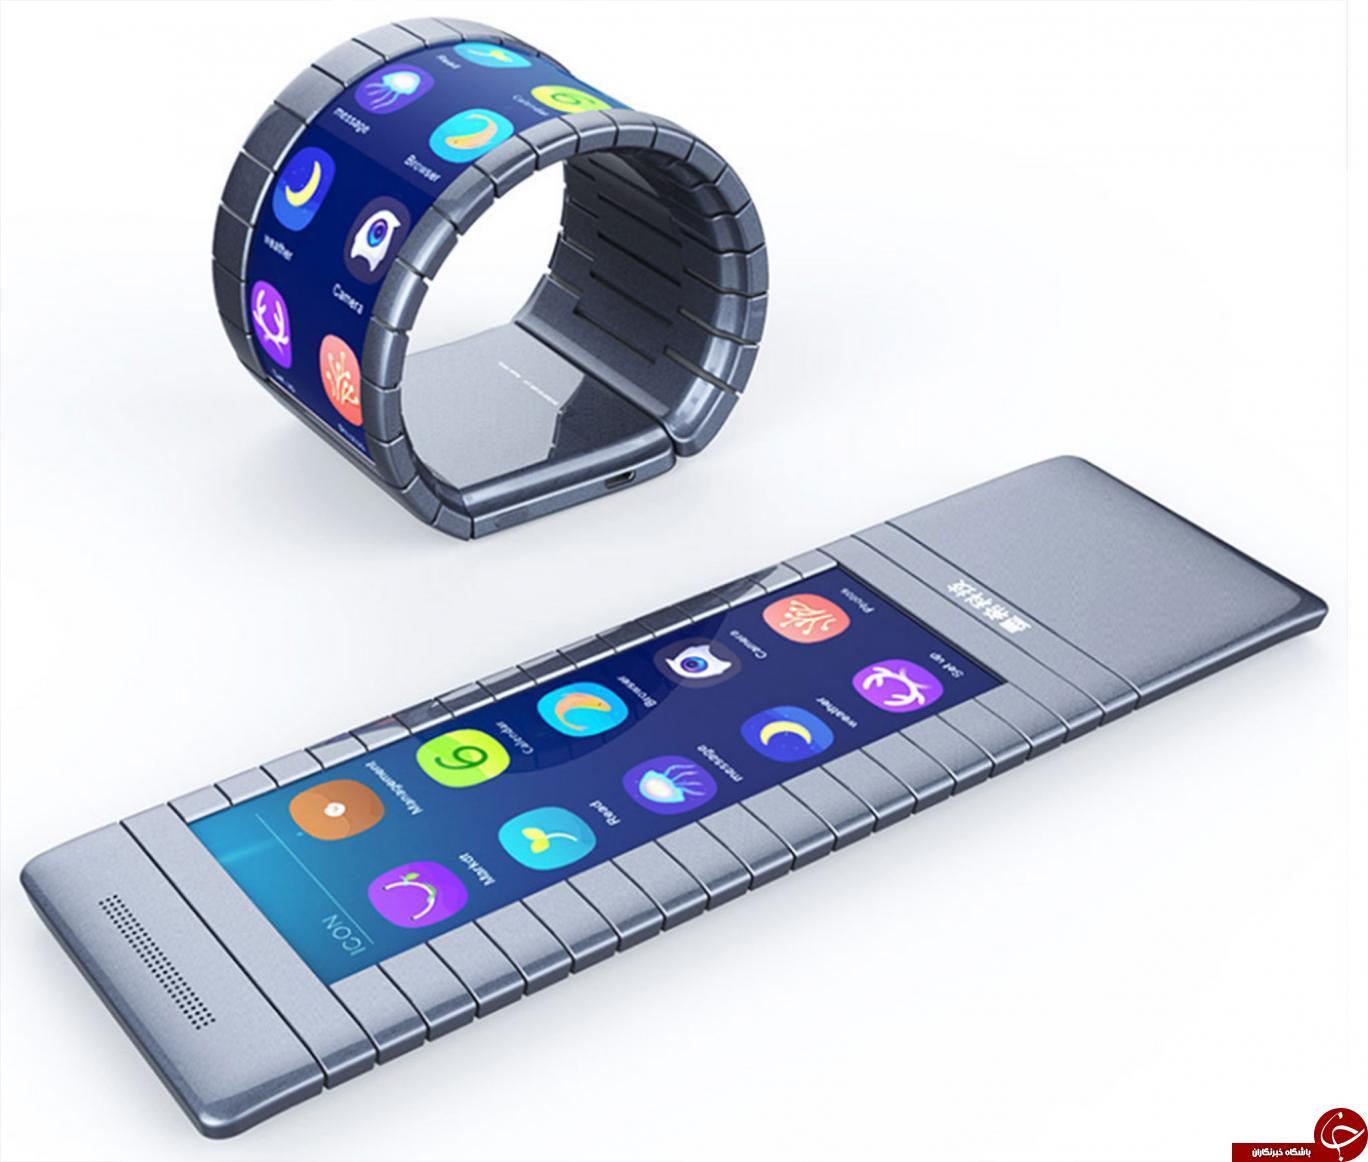 اولین گوشی هوشمند جهان با قابلیت خمیده شدن +عکس